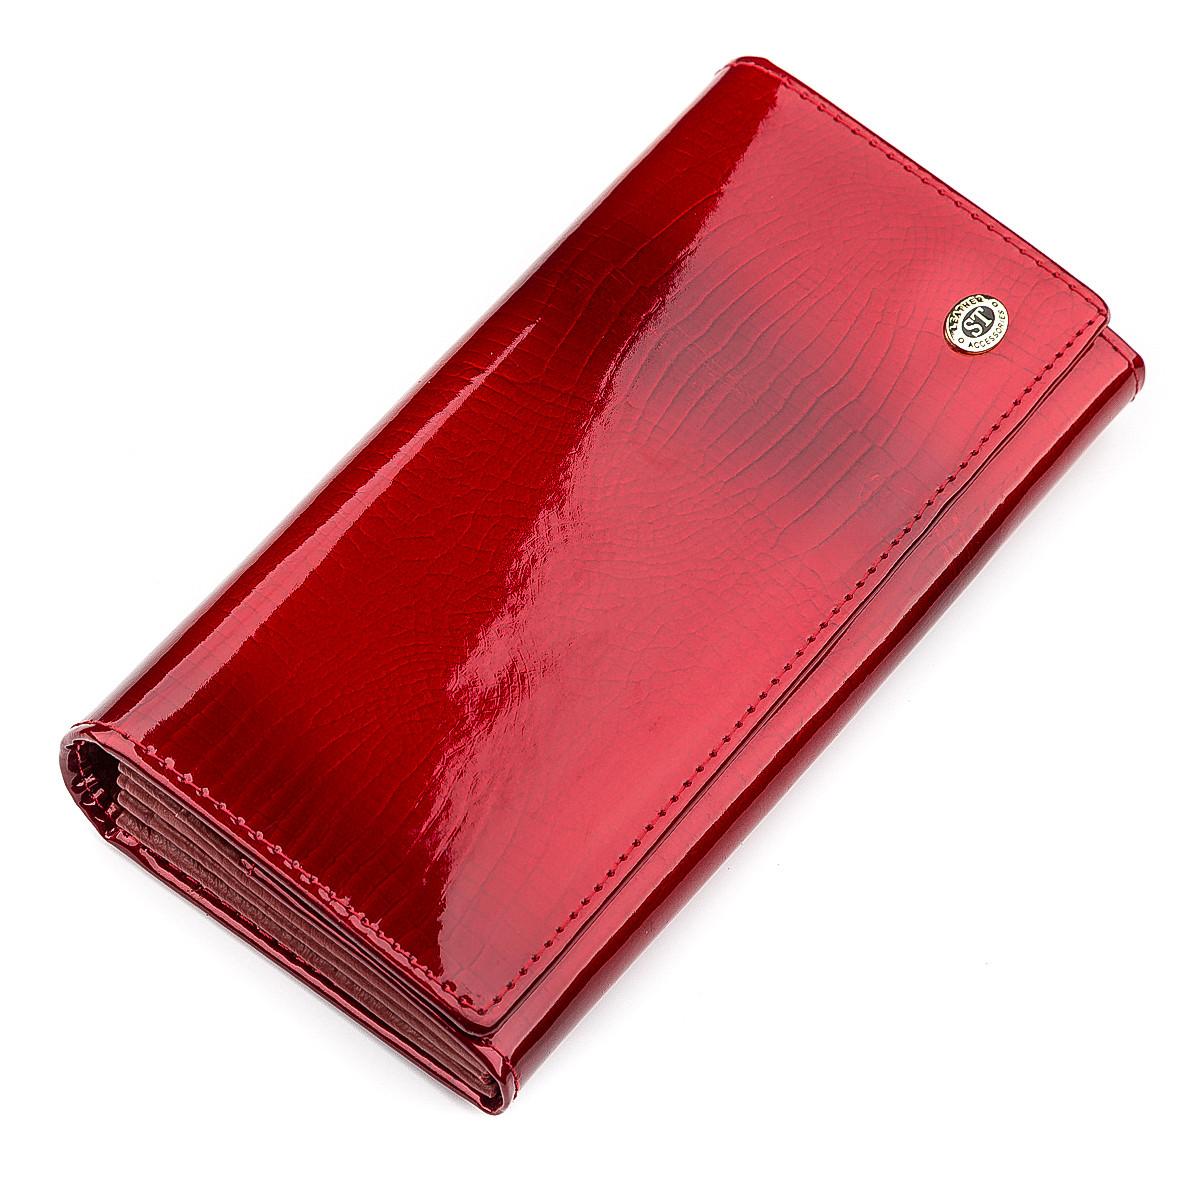 Гаманець жіночий ST Leather 13192 (S2001A) багатофункціональний Червоний